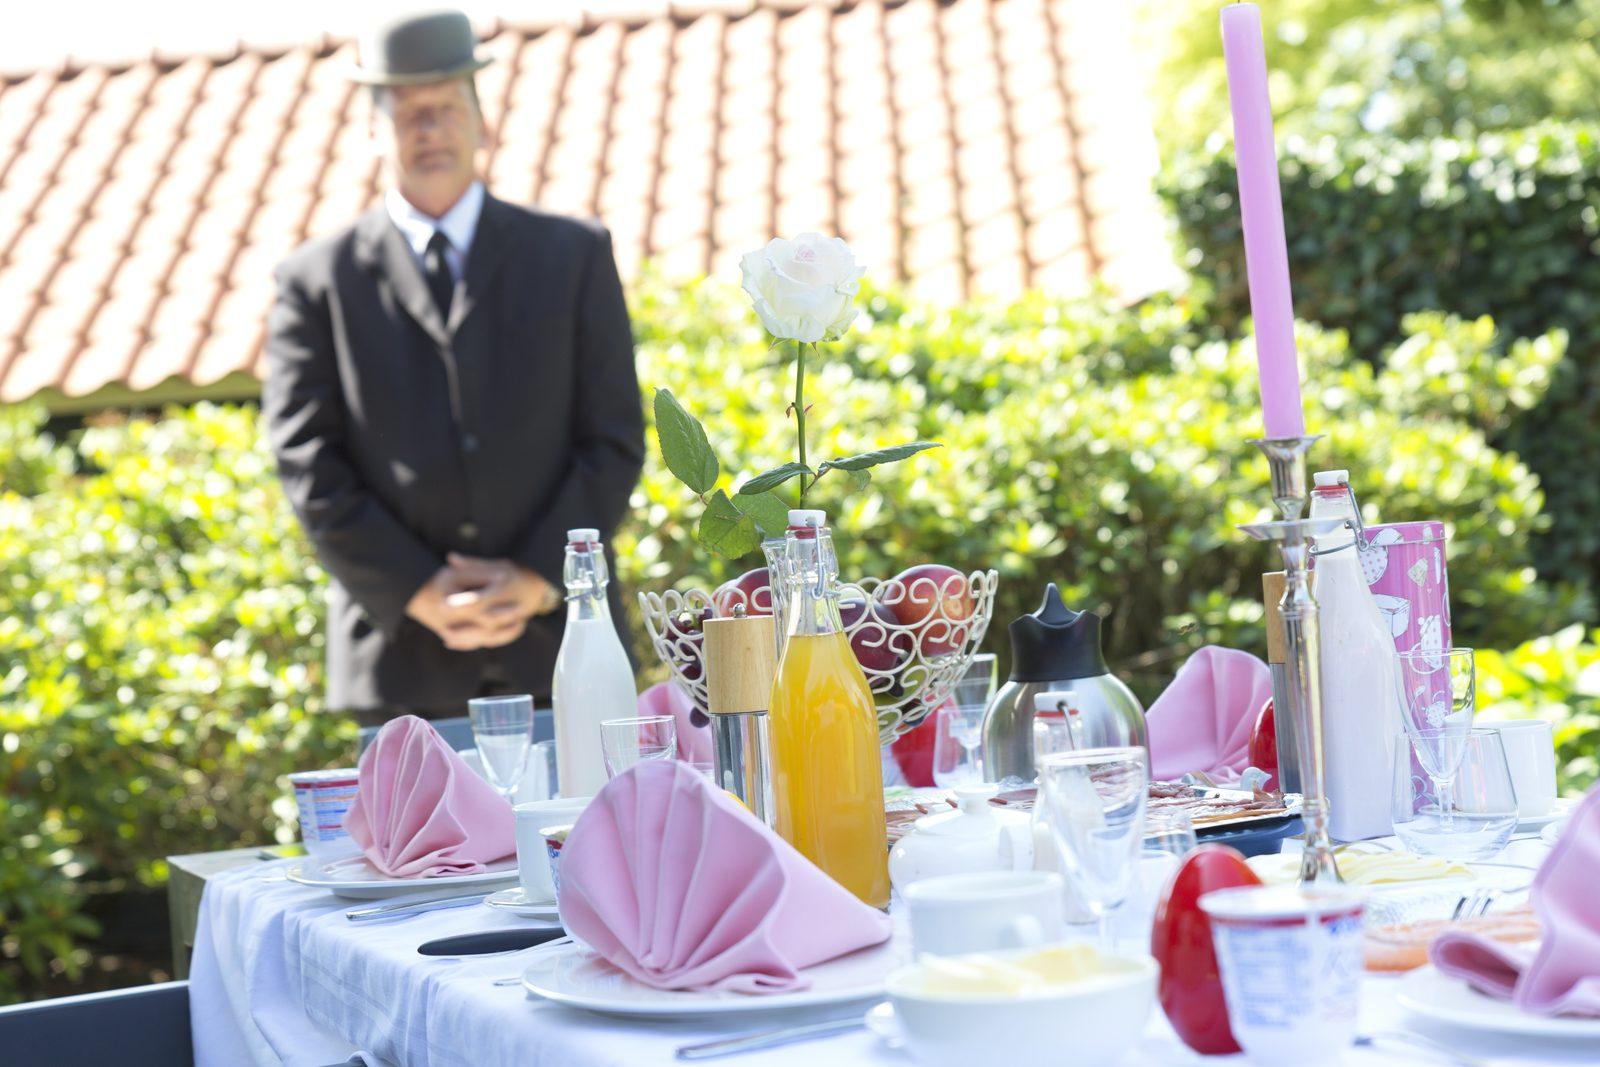 Reserveer een verwenontbijt bij Onthaasten in de Achterhoek